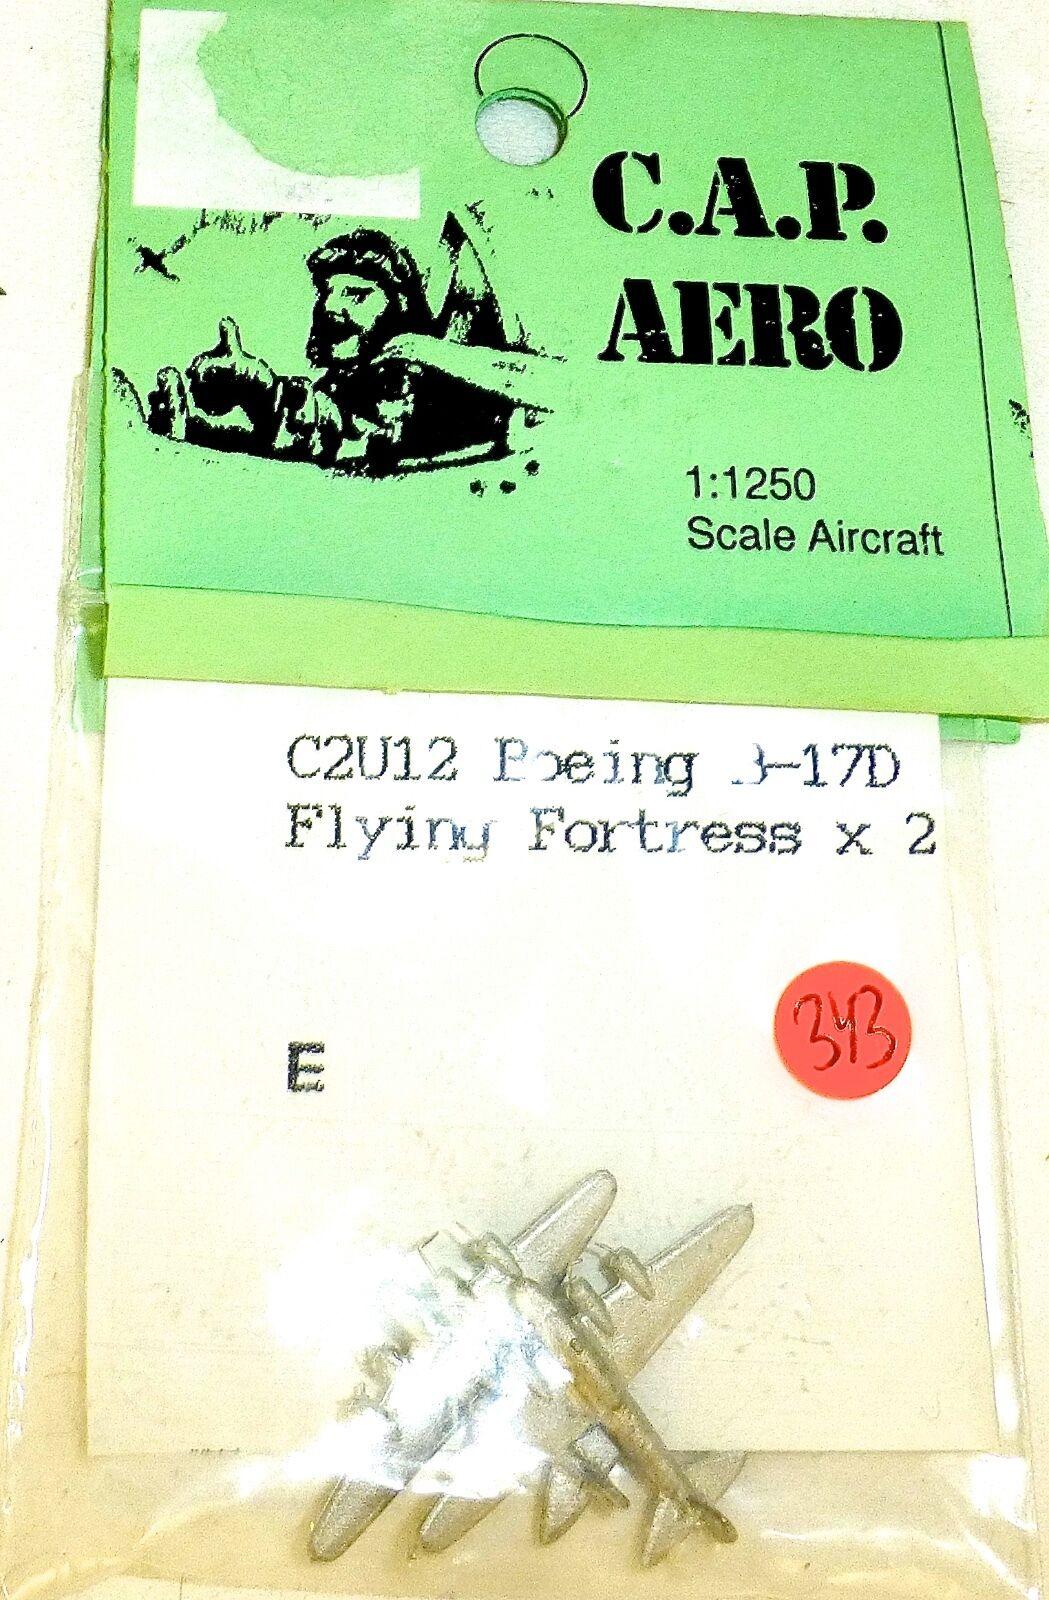 2x Avion Boeing Flying Fortress CAPUCHON CAPUCHON CAPUCHON Aero pour Modèle de bateau 1 1200 32d589